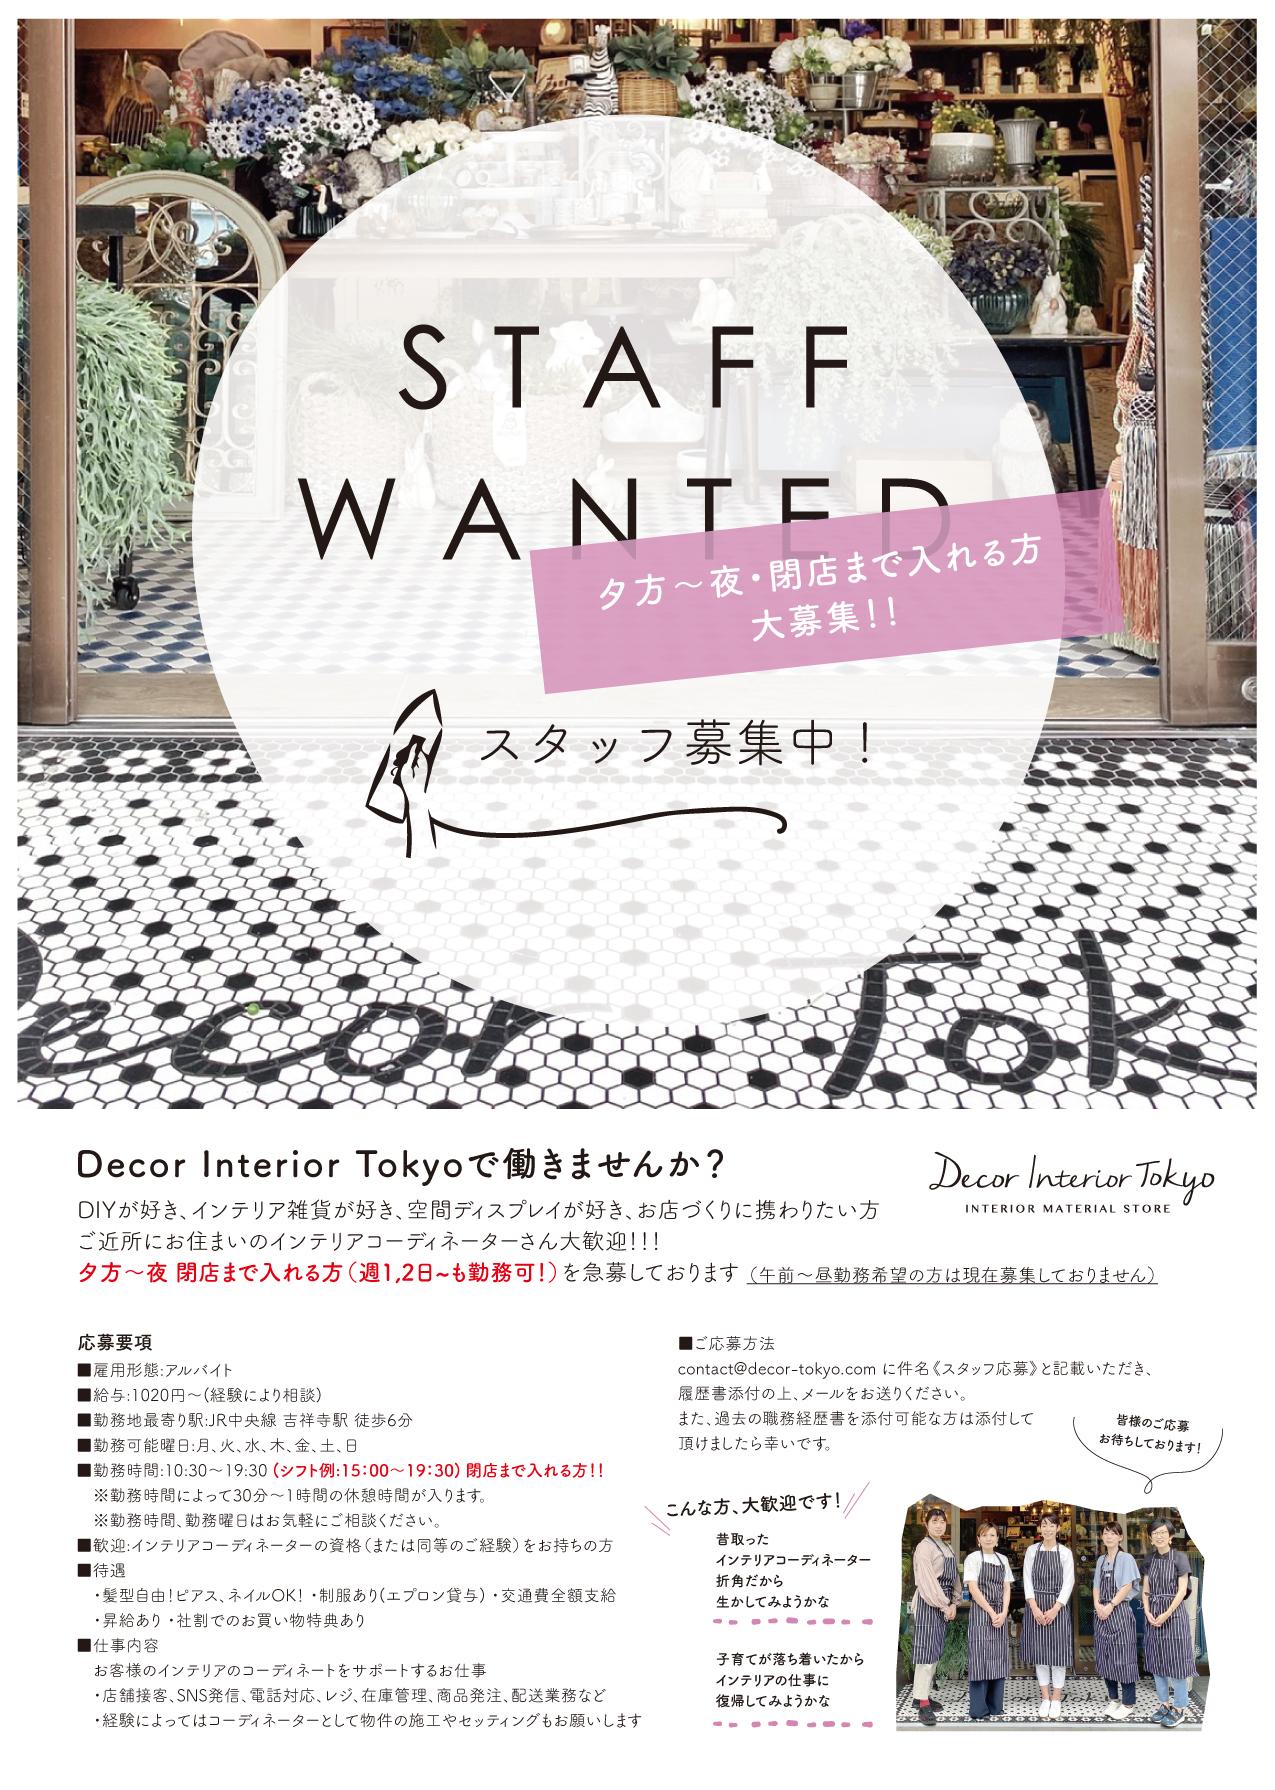 【Decor Interior Tokyo】スタッフ募集のお知らせ(夕方〜閉店まで入れる方!)